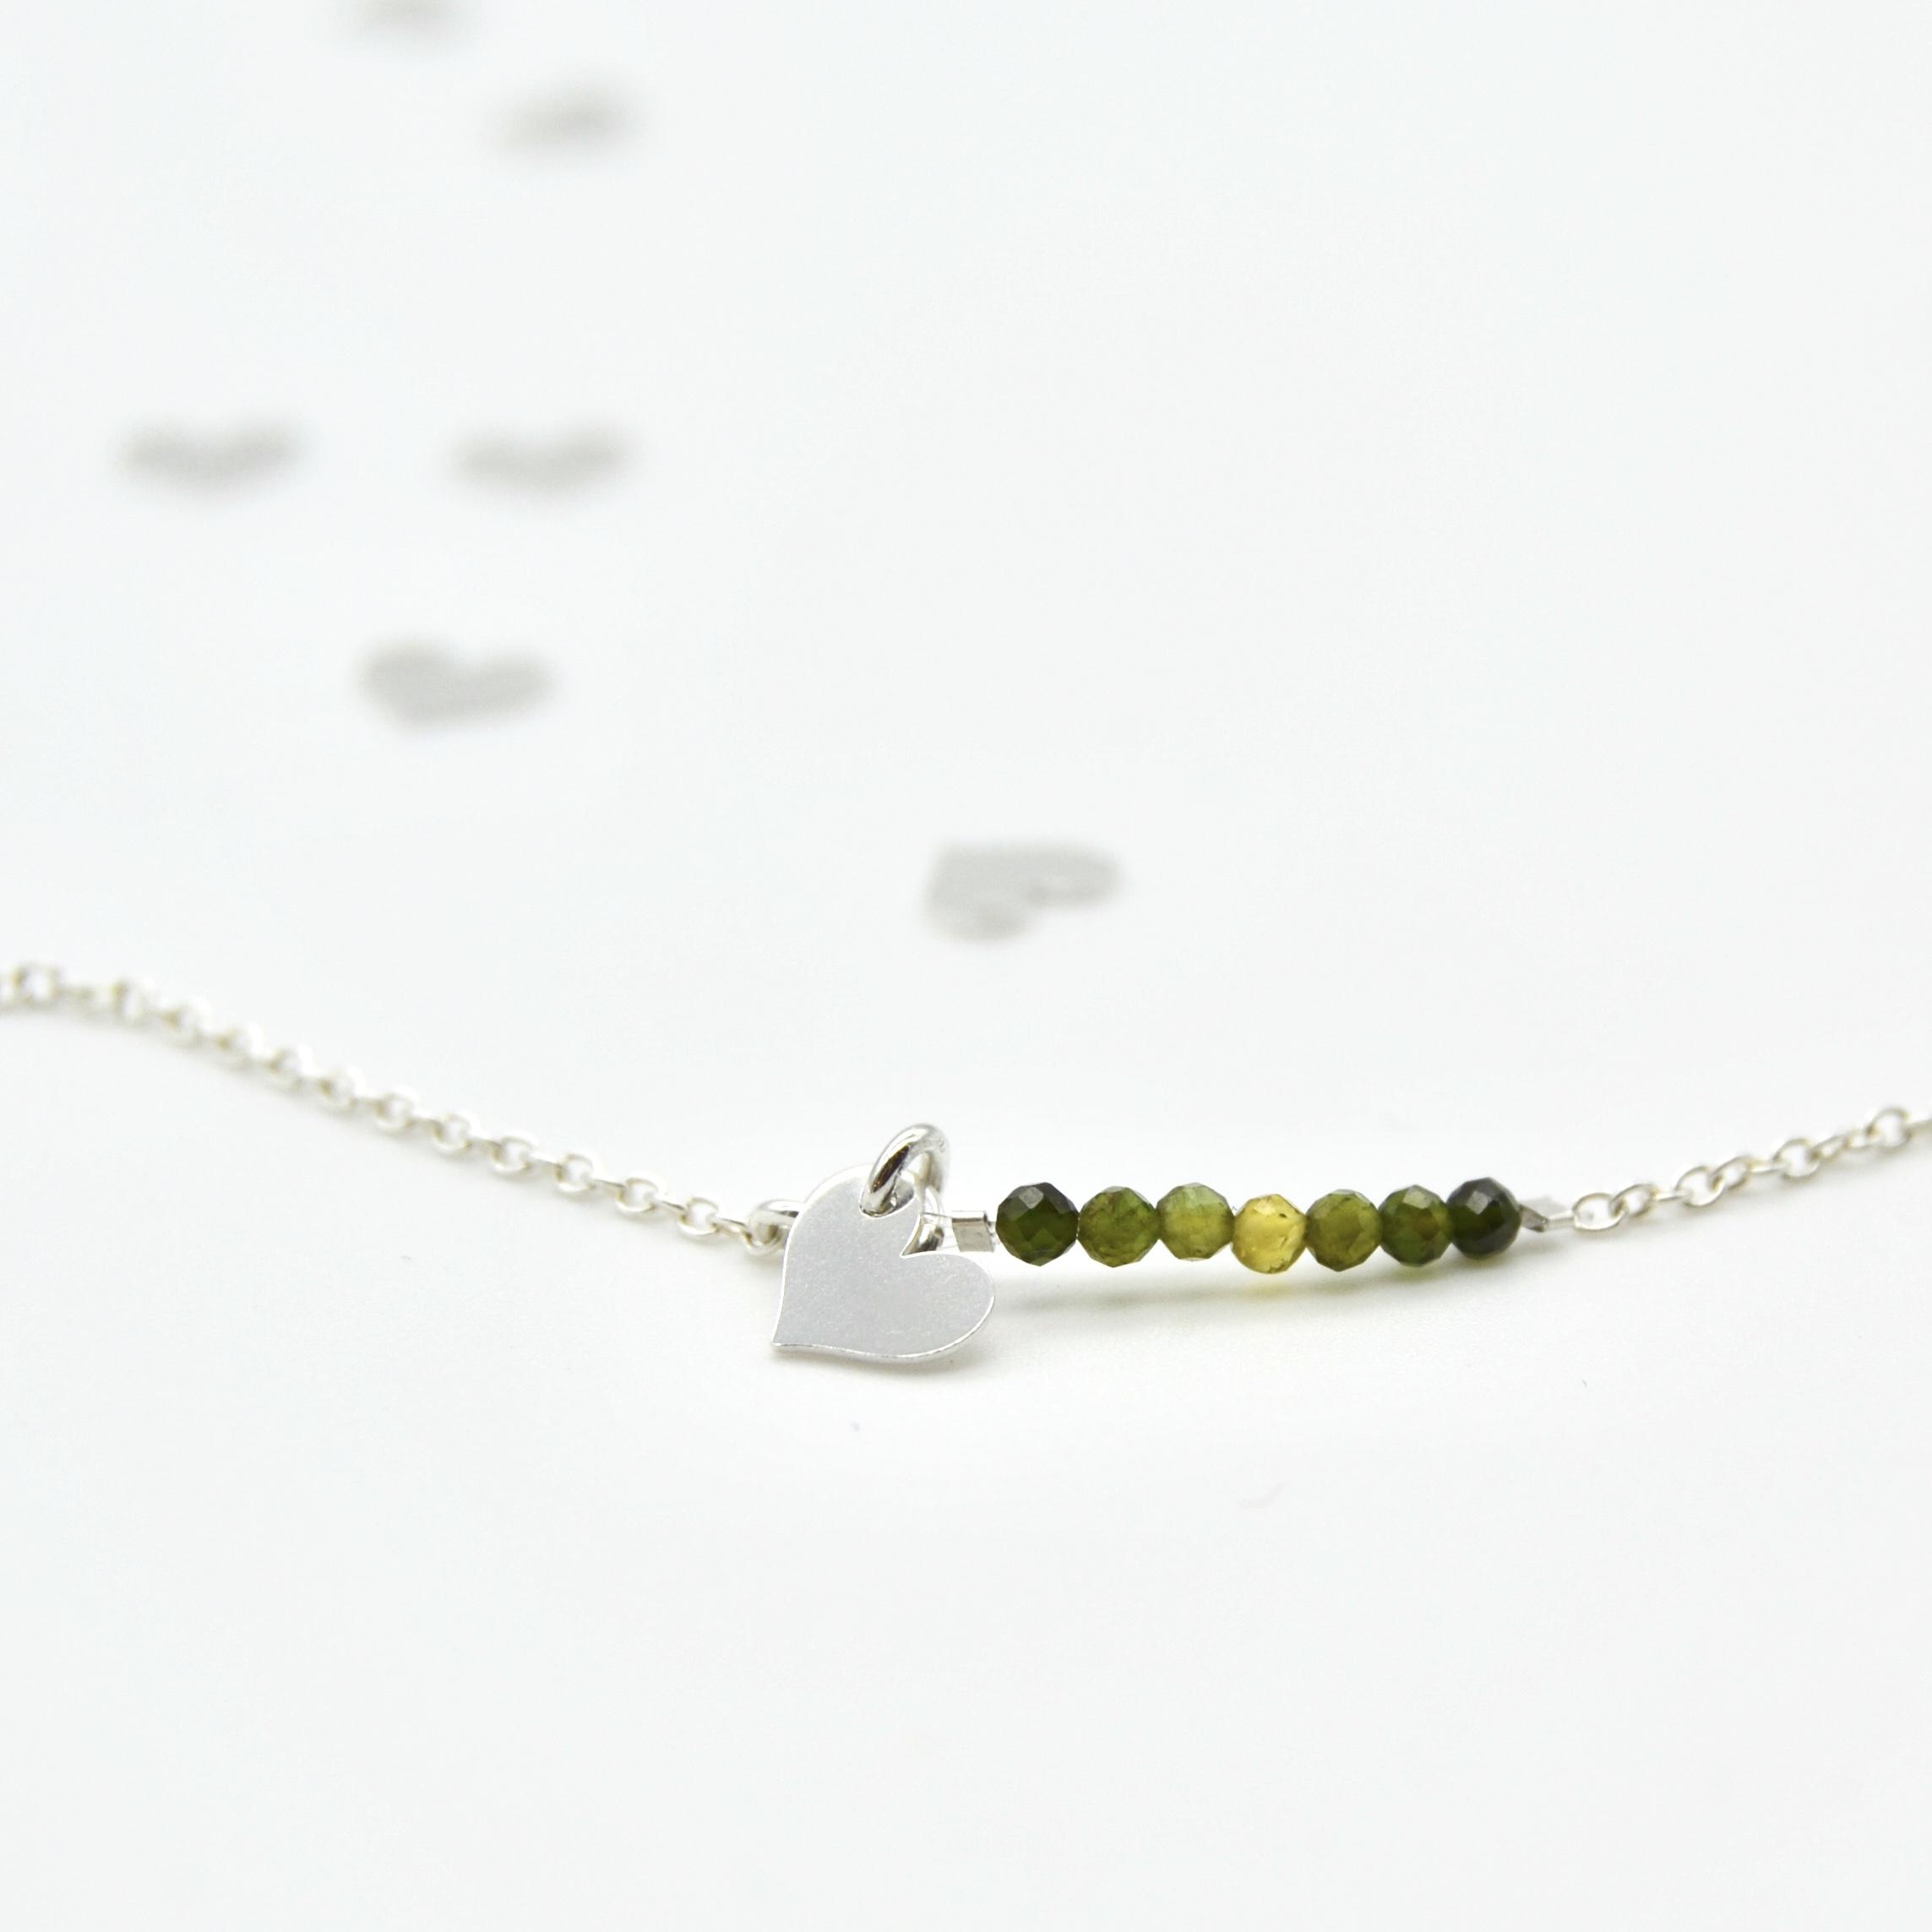 bracelet-tourmaline-vertes-etincelles-collection-bijoux-pierres-lithoterapie-argent